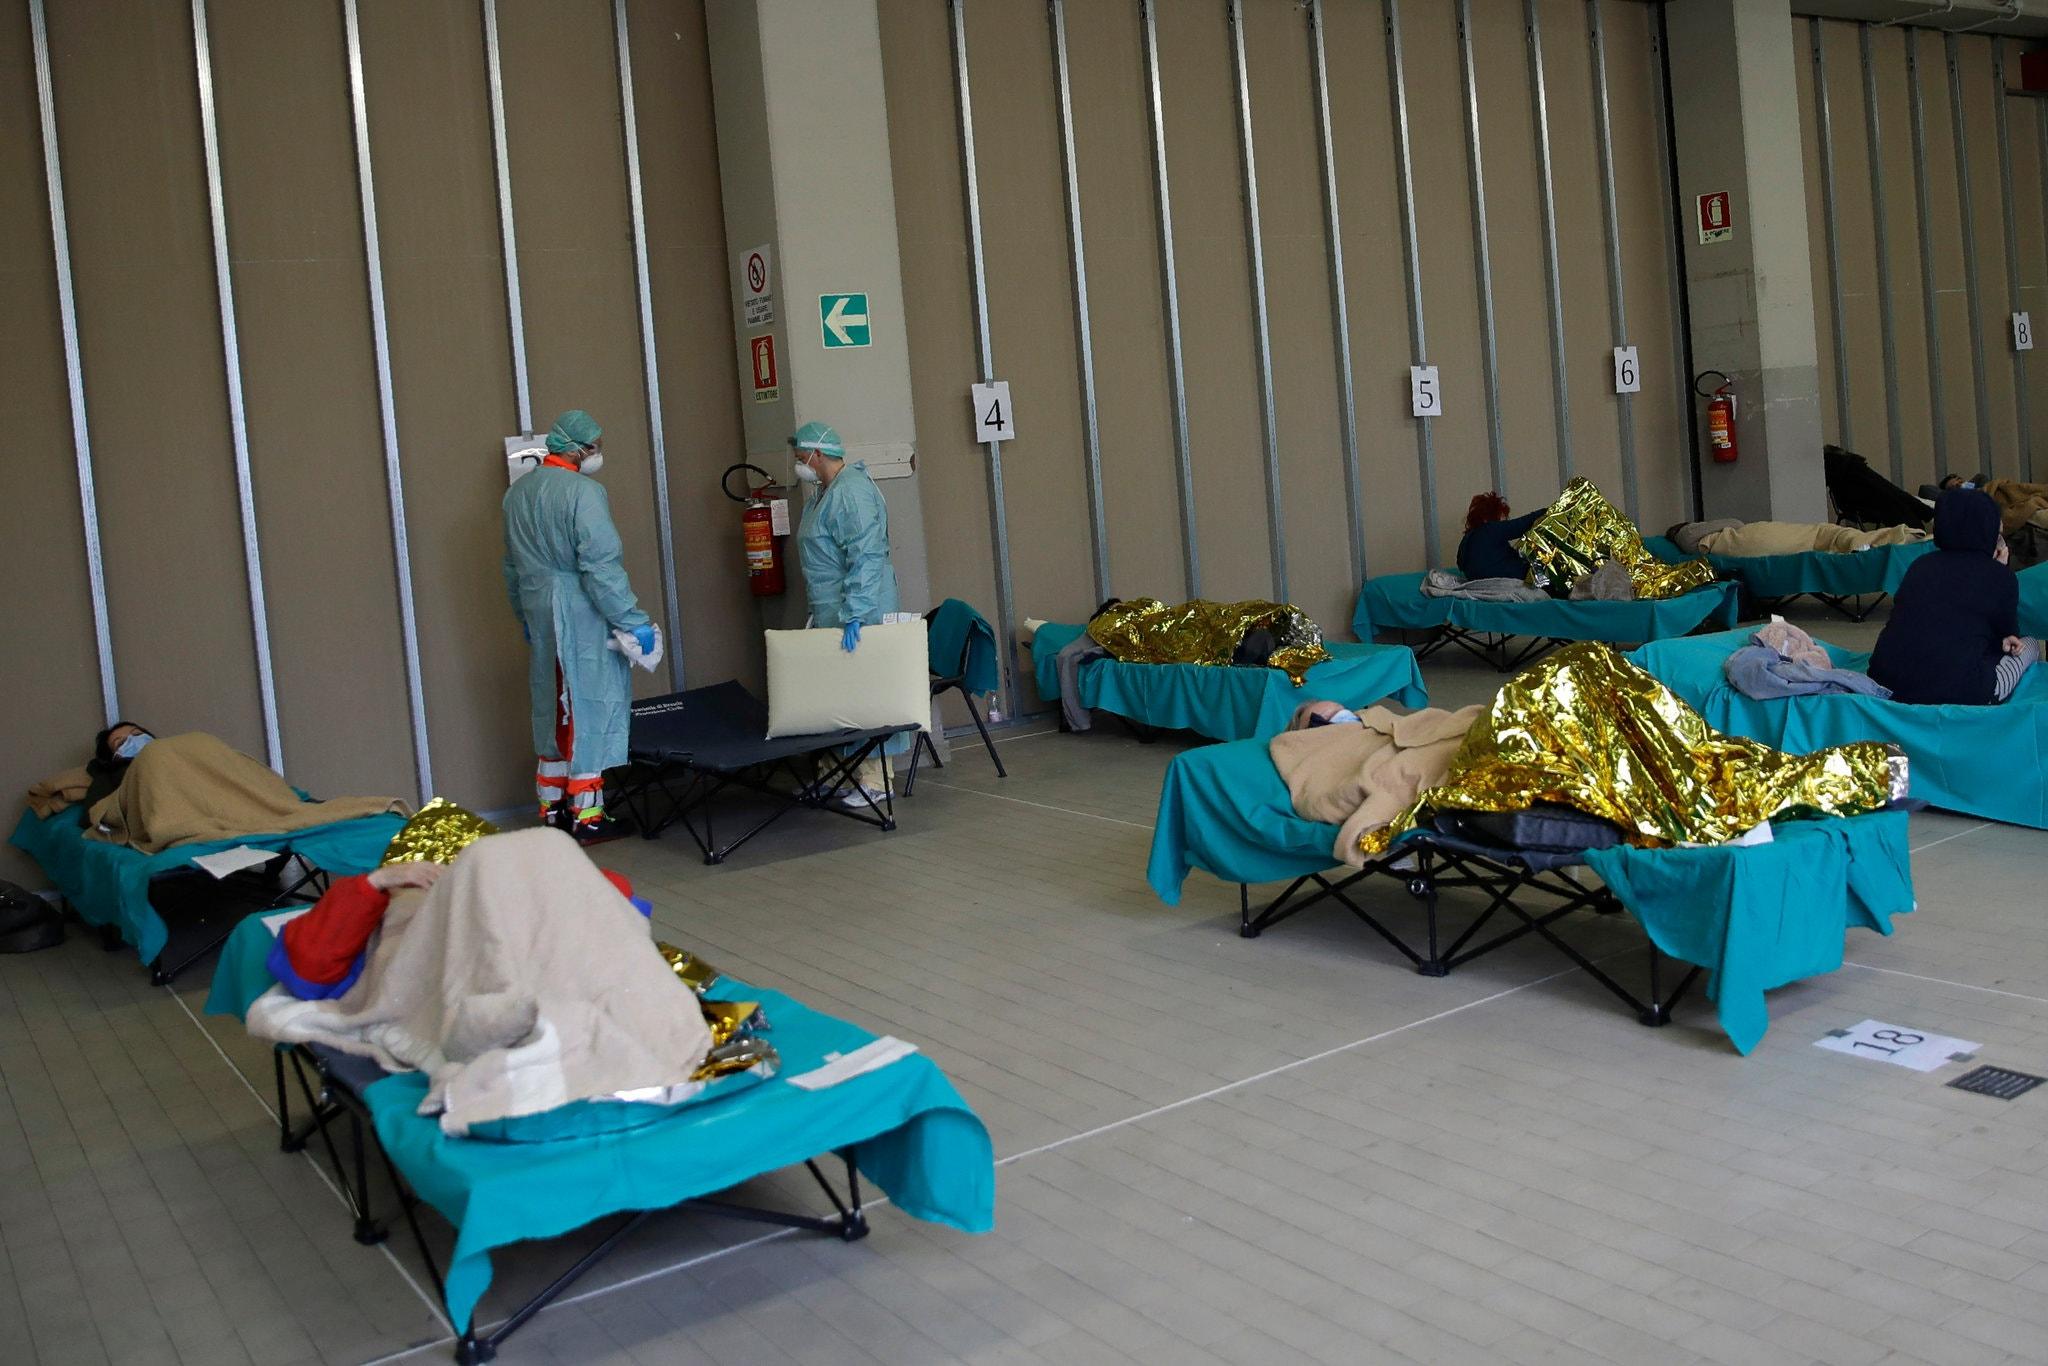 Госпиталь в итальянской Брешии. Российские больницы будут выглядеть по-другому. Luca Bruno/Associated Press